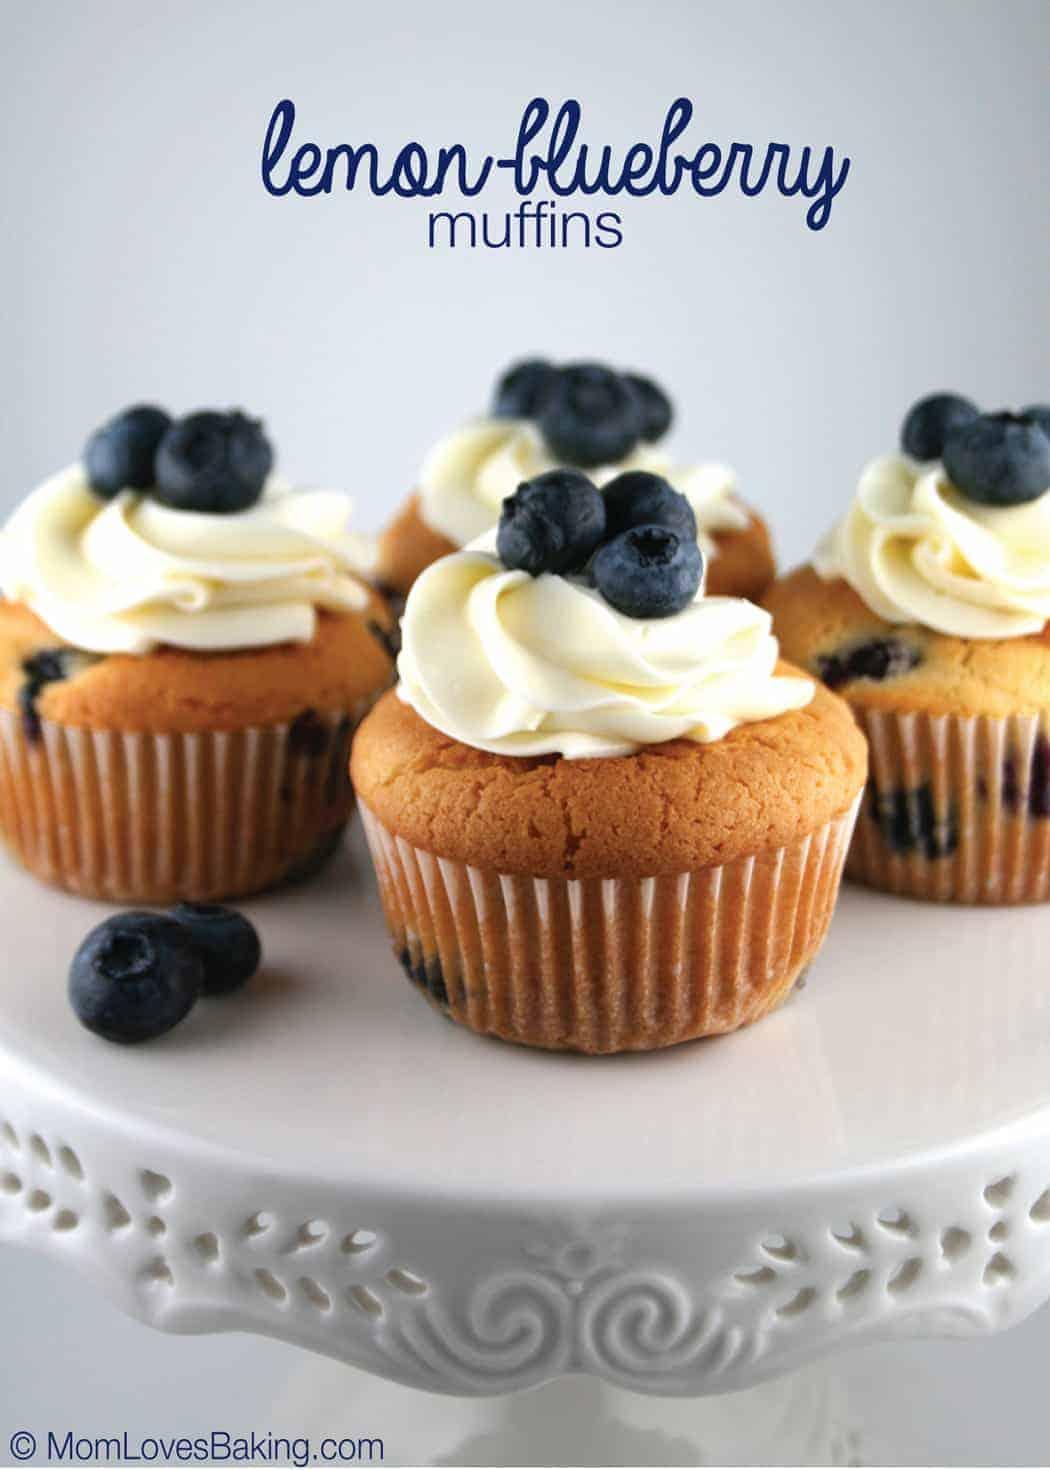 LemonBlueMuffins5